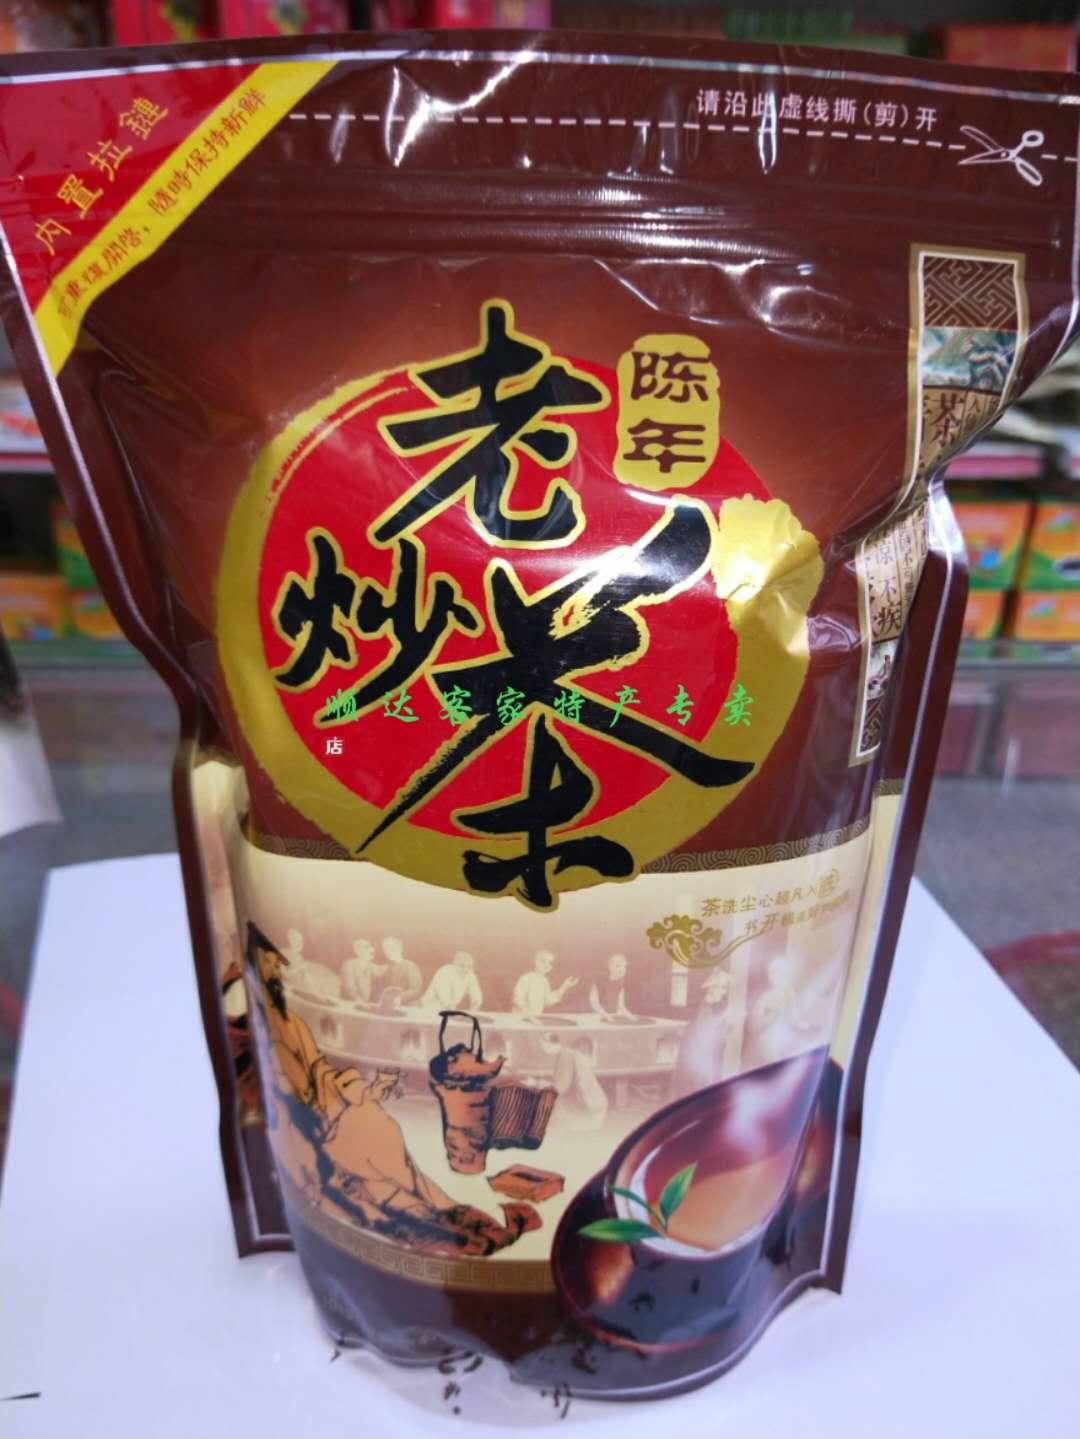 广东梅州 客家土特产丰顺 马图茶 洋西坑高山绿茶 陈年老炒茶